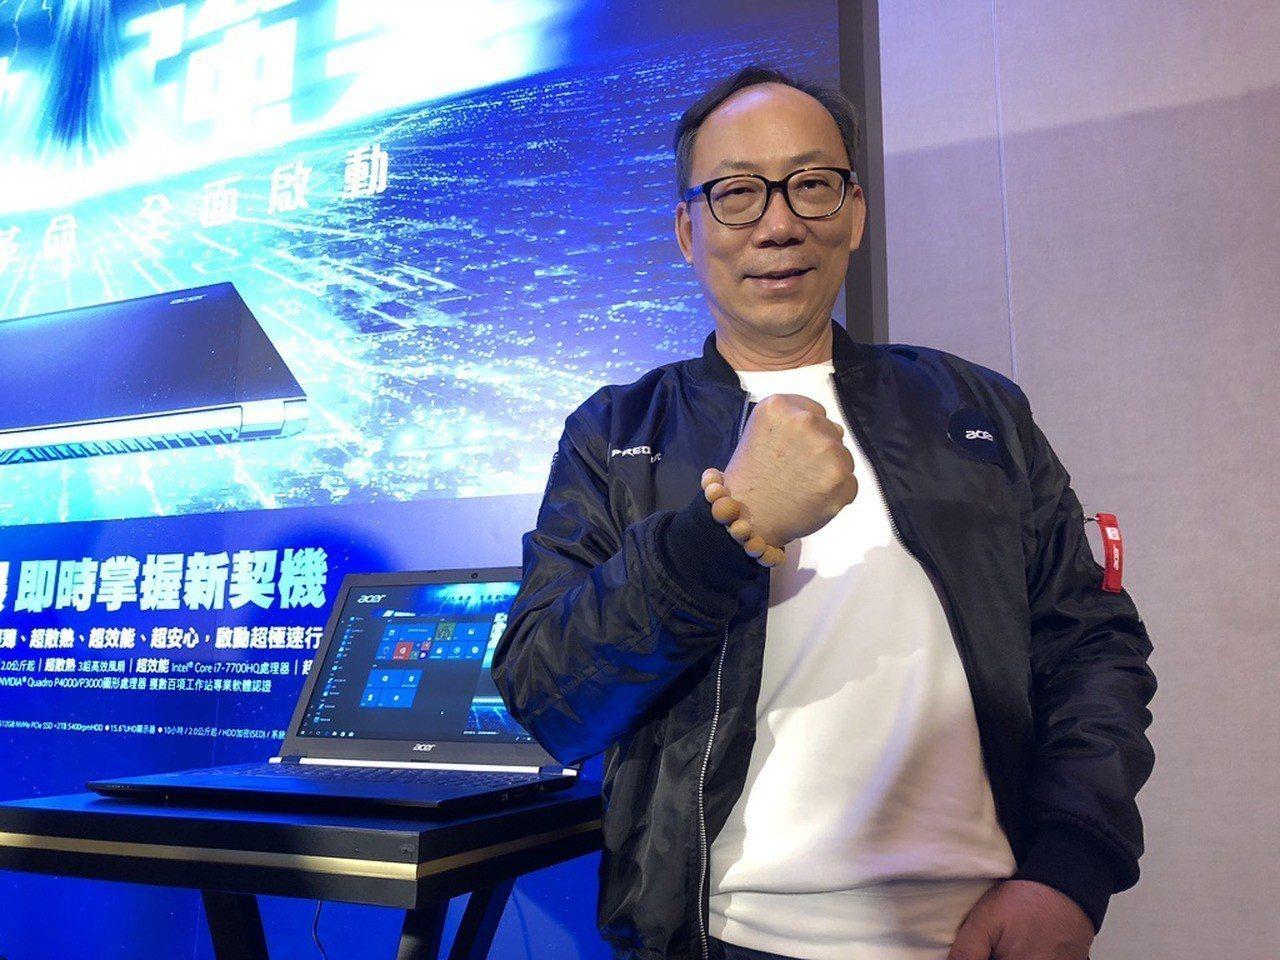 若說台灣今年科技界有什麼最具新意的科技產品,宏碁智慧佛珠肯定是其中之一;宏碁今年...